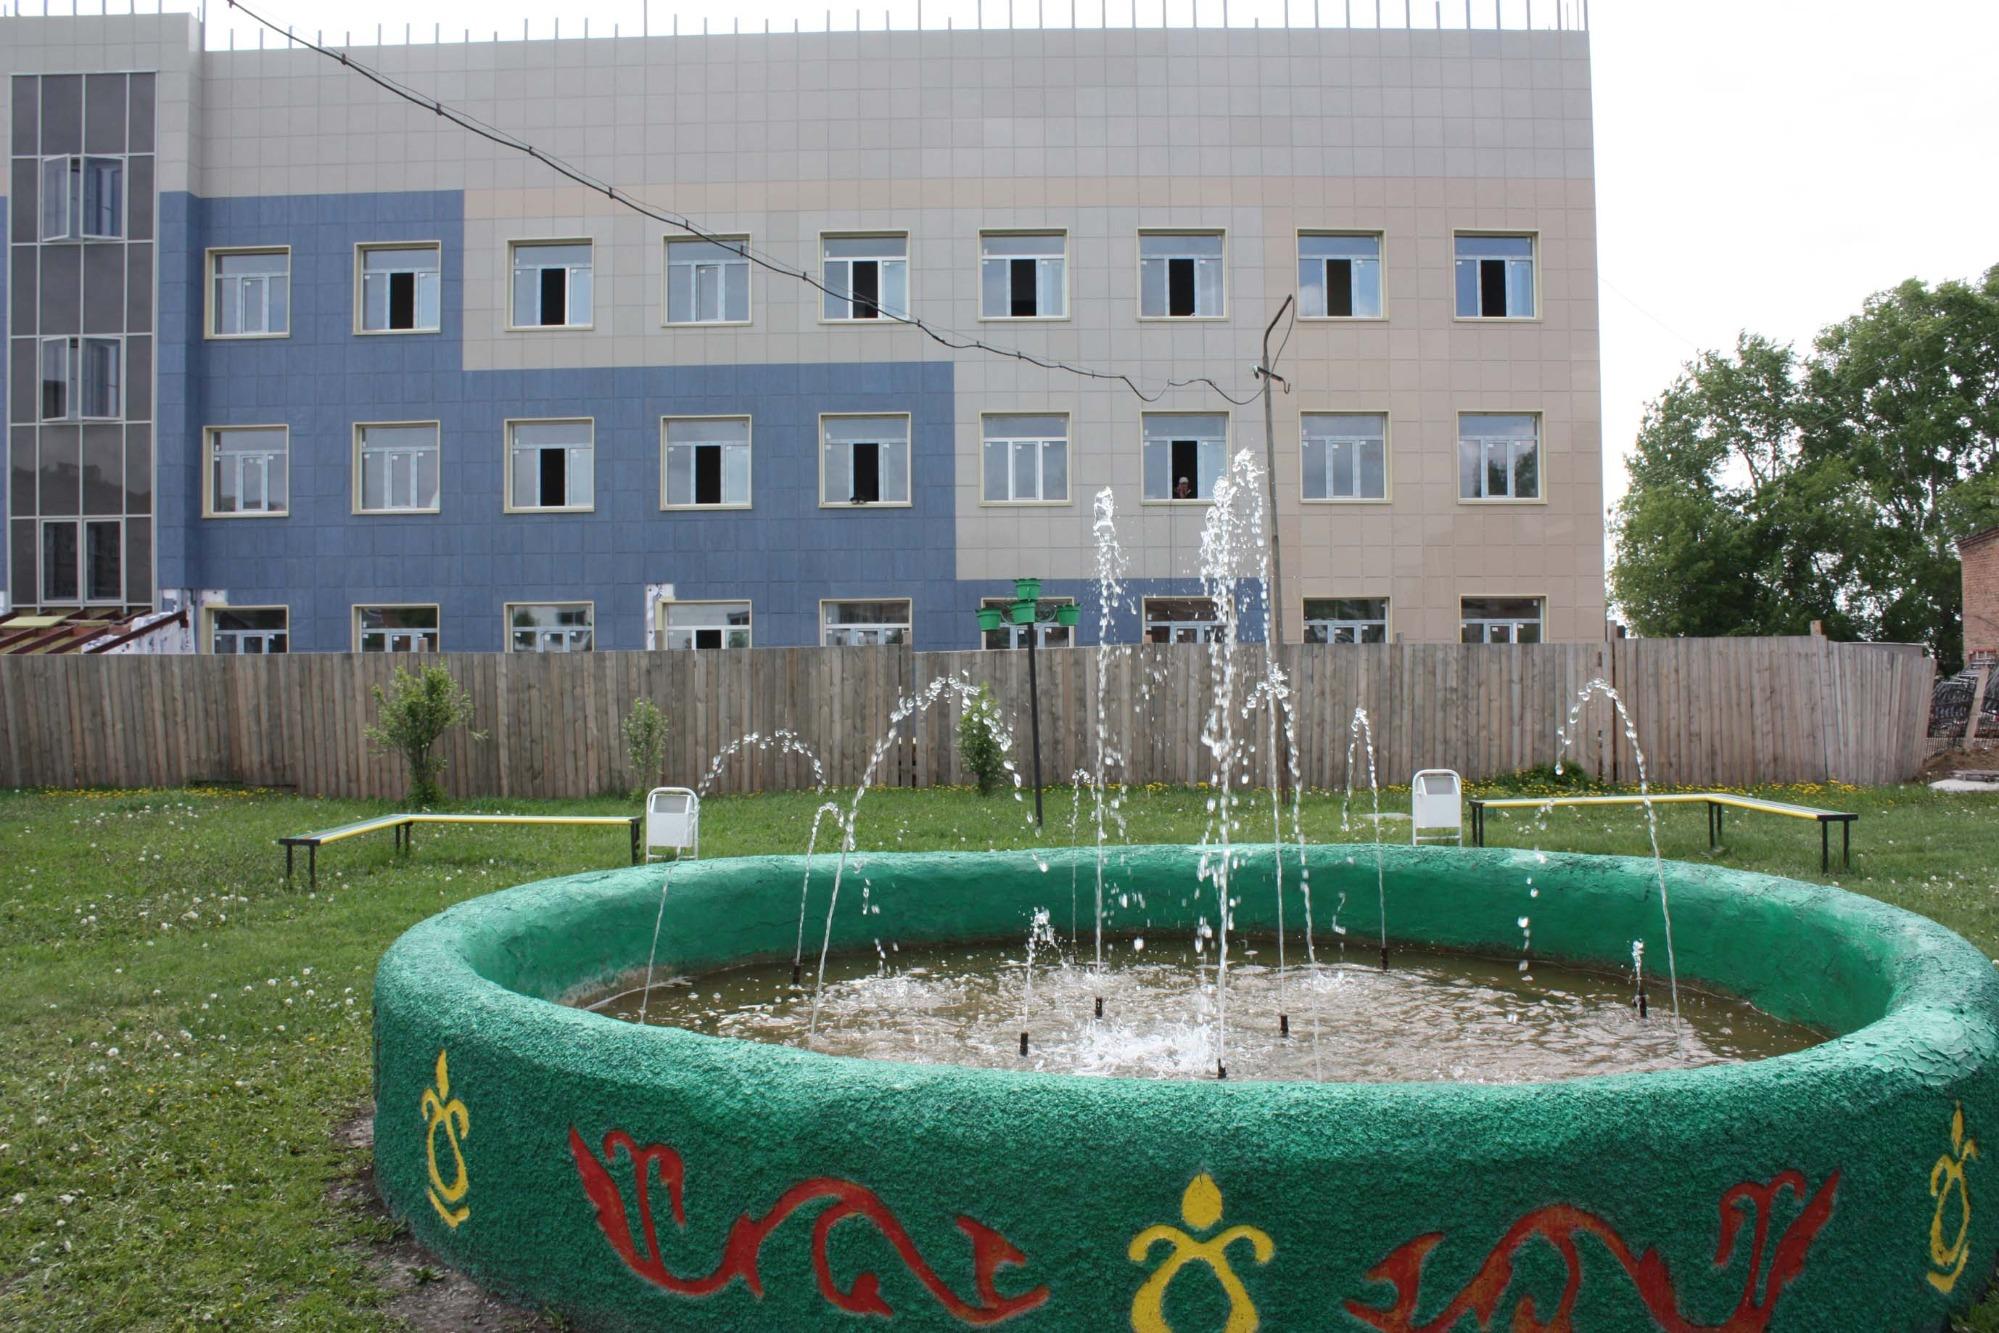 Фонтан на территории больничного комплекса Венгерово